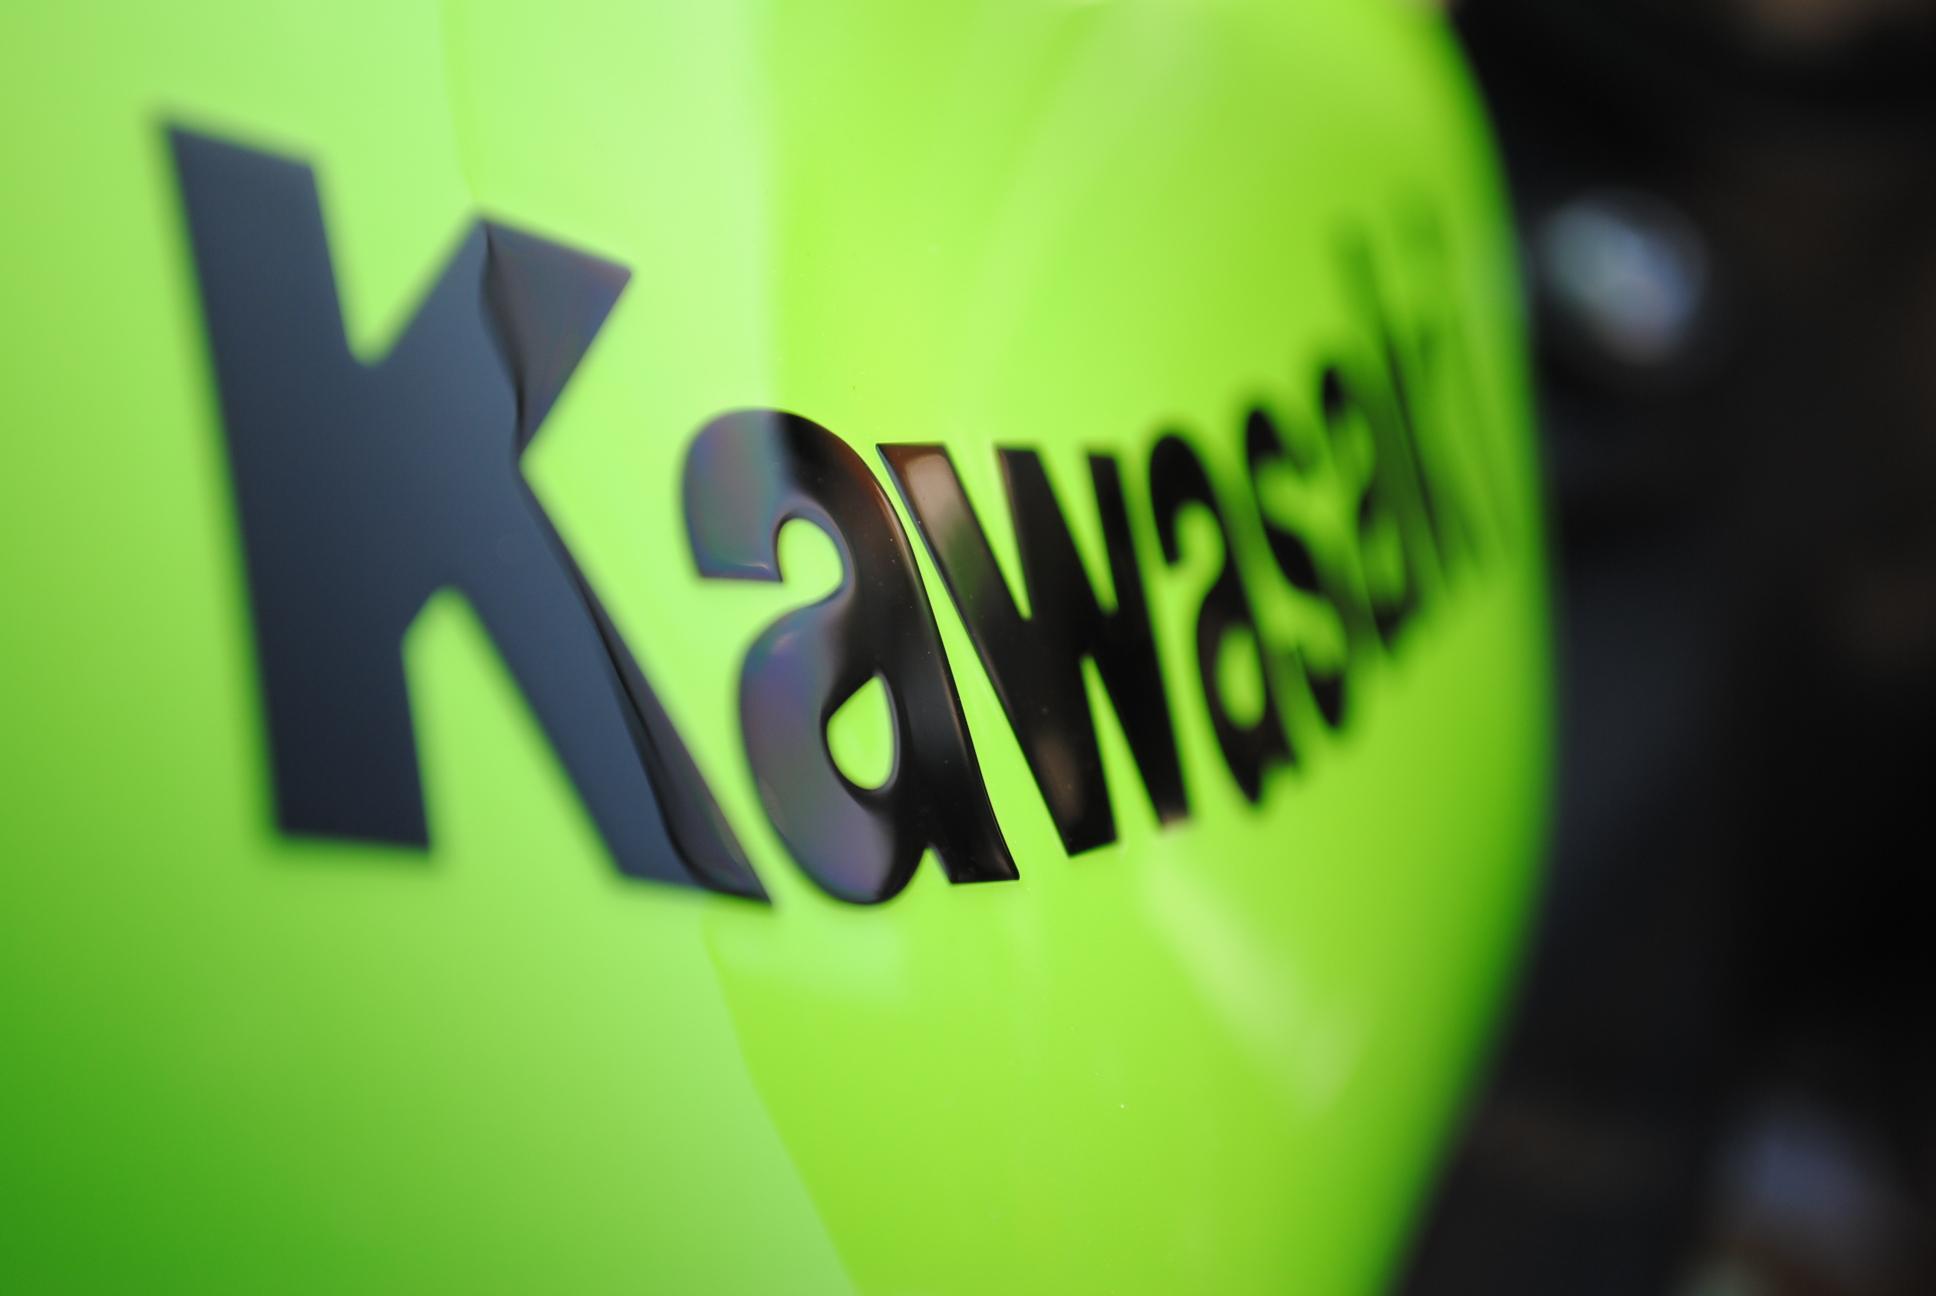 Kawasaki Wallpaper Hd 63 Kawasaki Hd Wallpapers Backgrounds Wallpaper Abyss